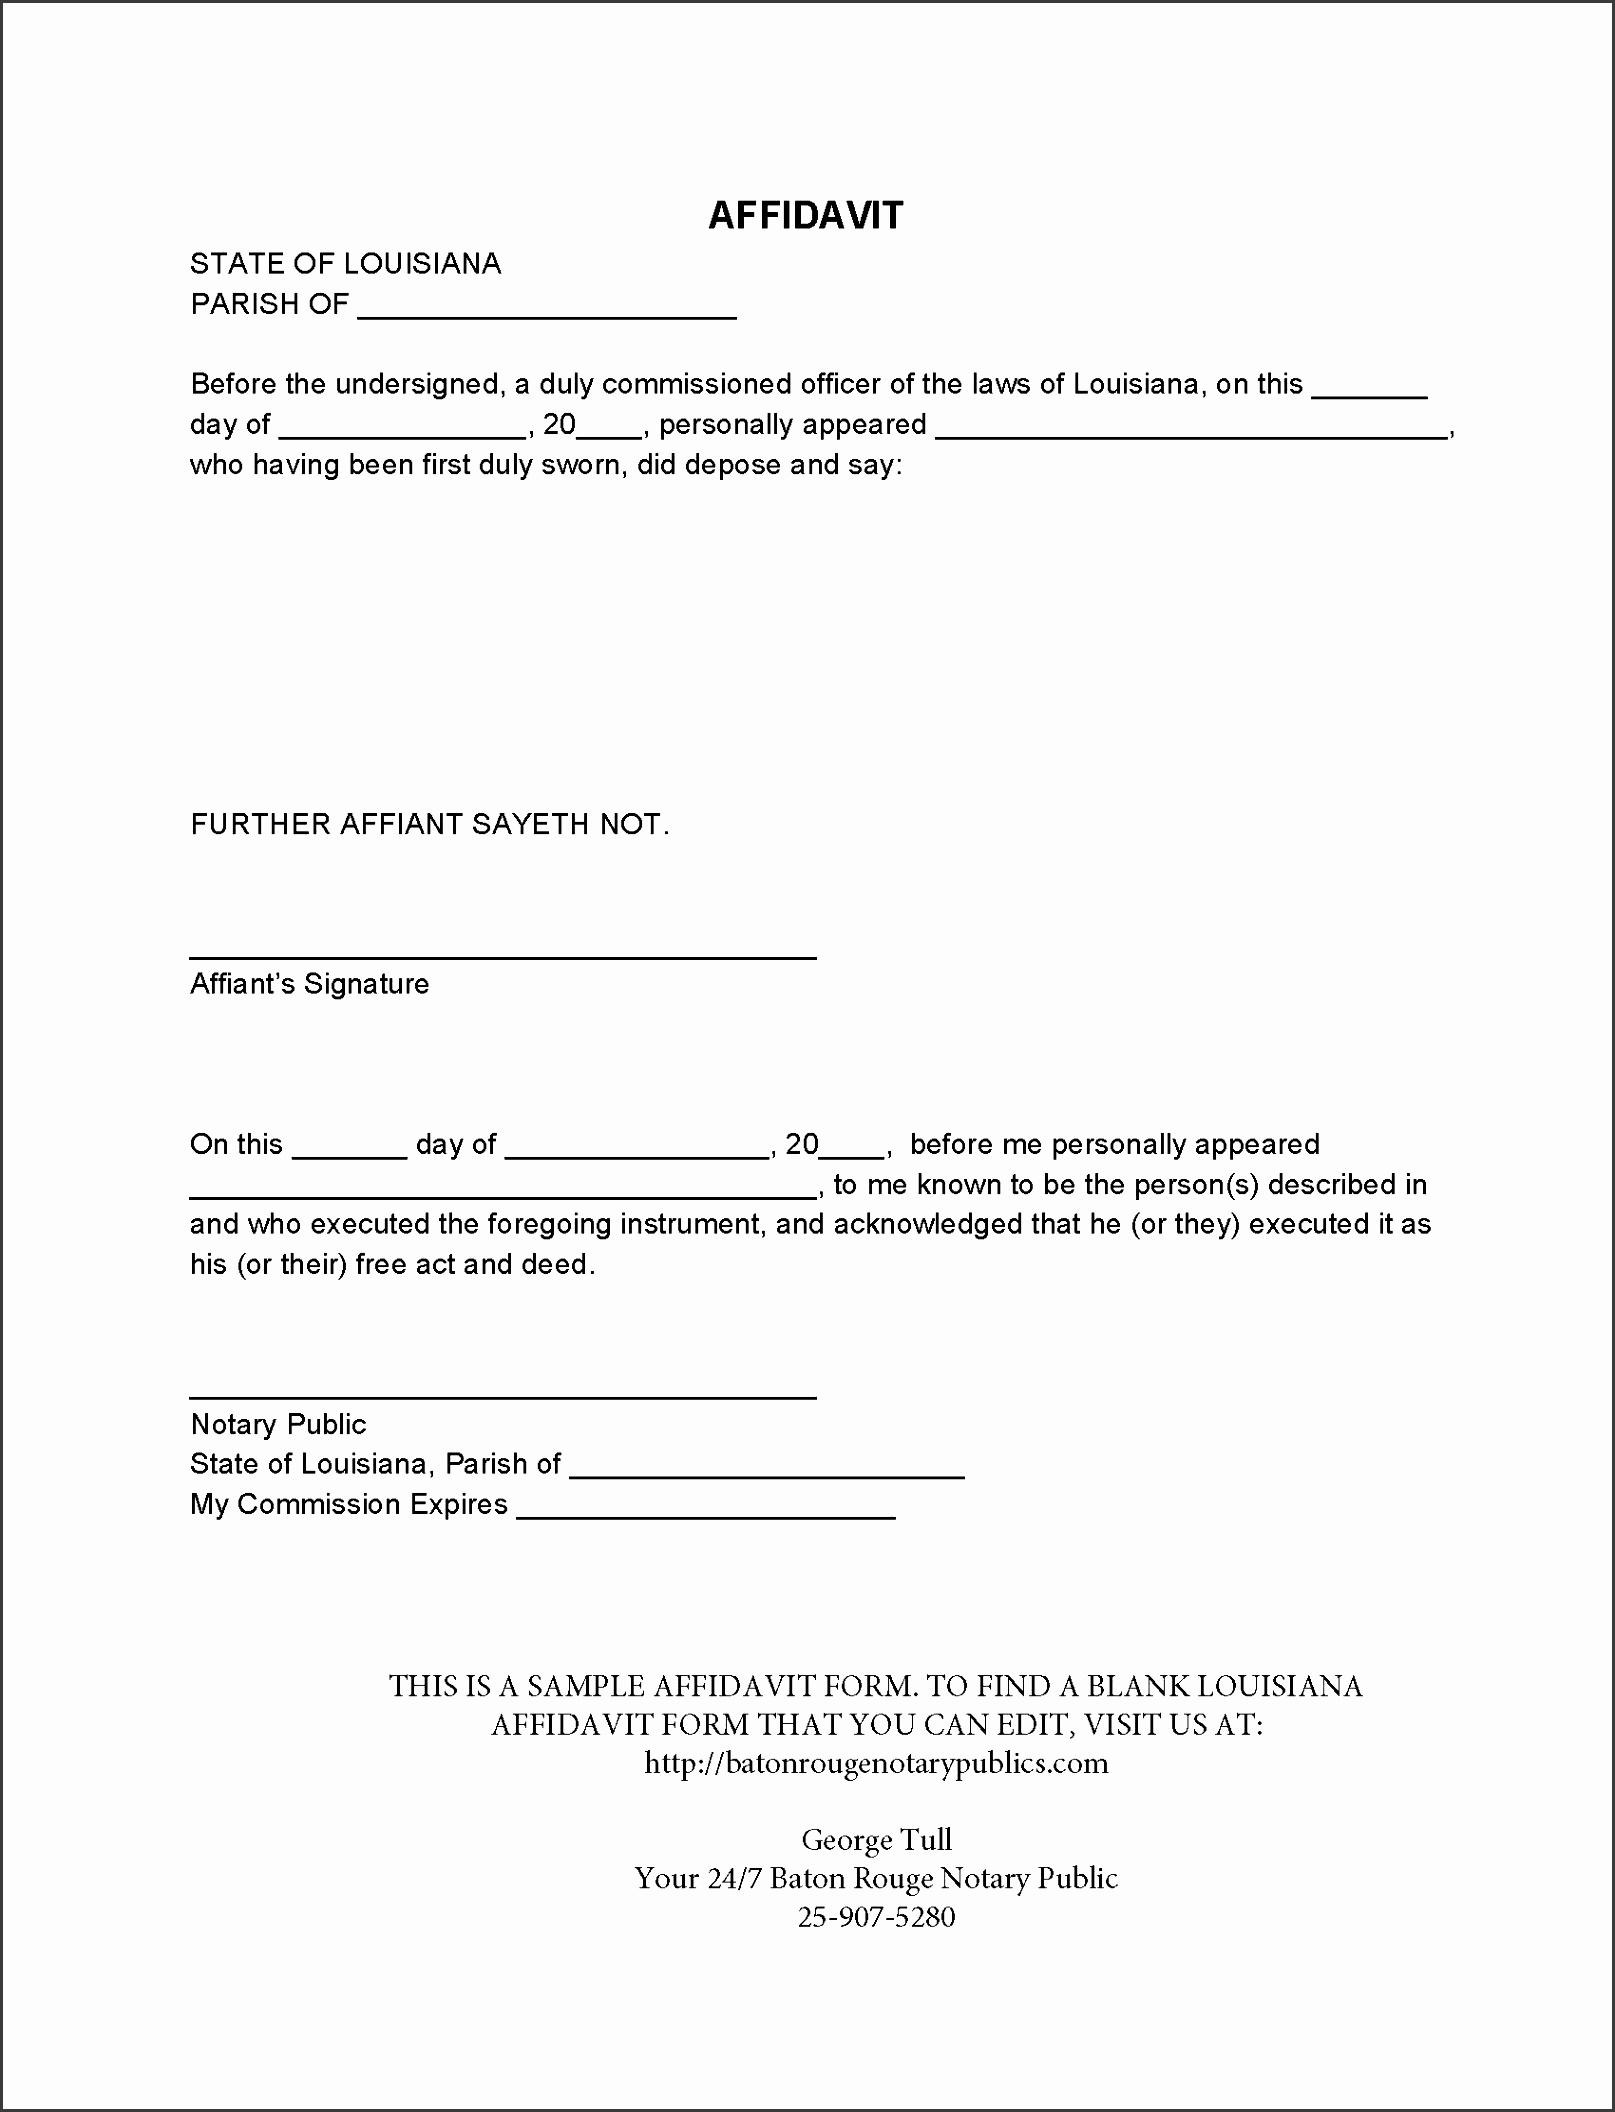 blank louisiana affidavit baton rouge notary publics sample affidavit